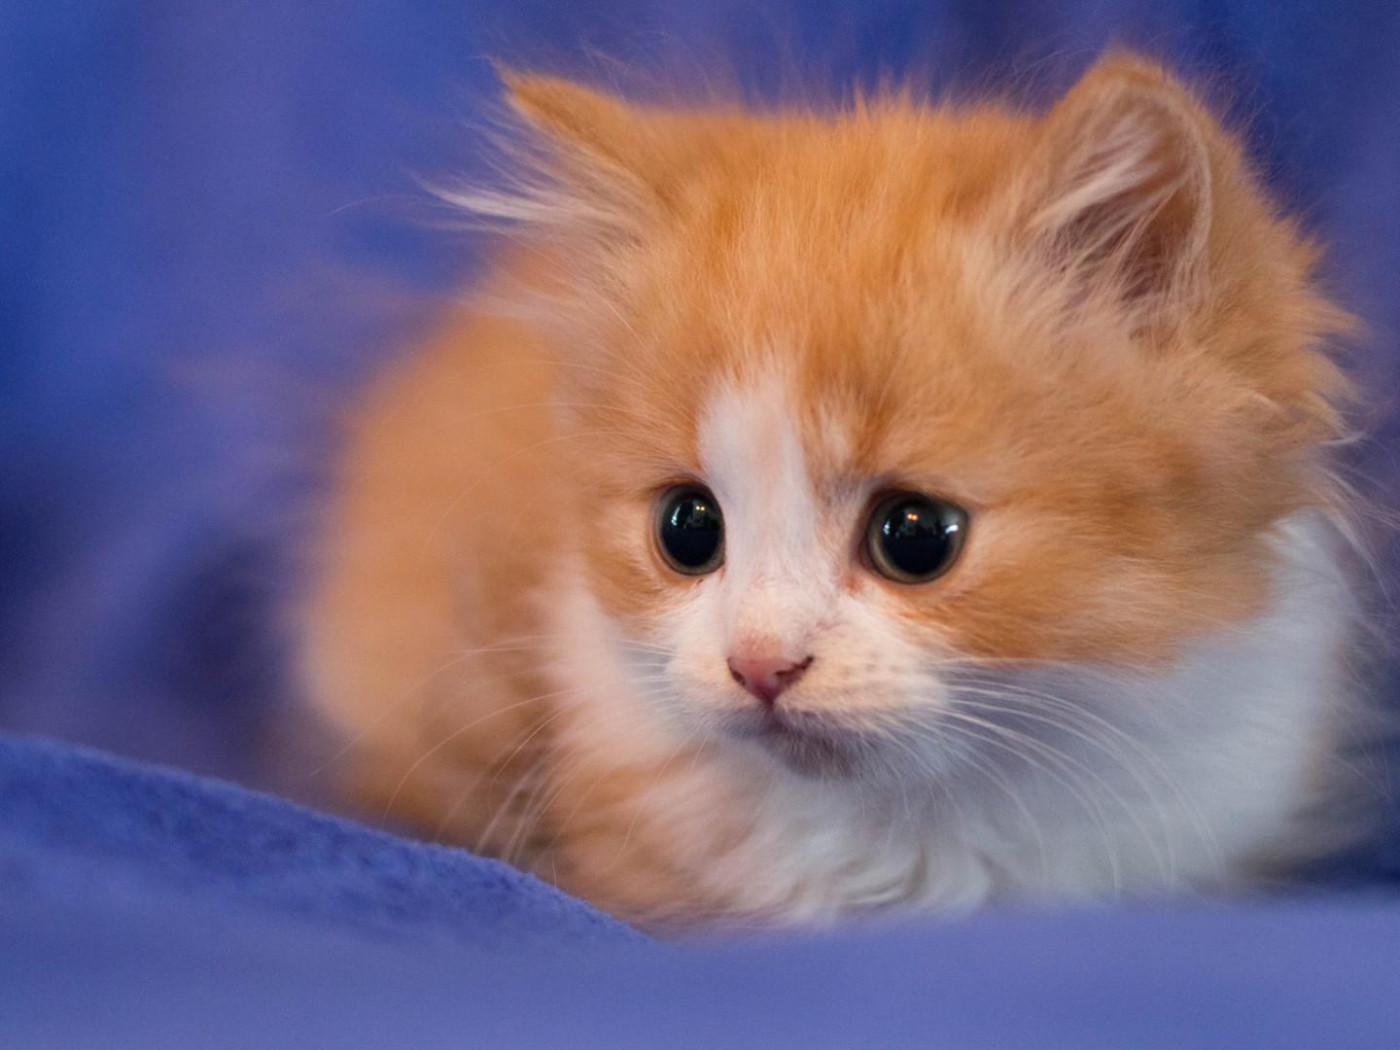 Free Cute Kitten Wallpapers 와이드 스크린 벽지 새끼 고양이 열심히 배경 사진 귀여운 동물의 Hd를보고 높은 정의 전체 화면